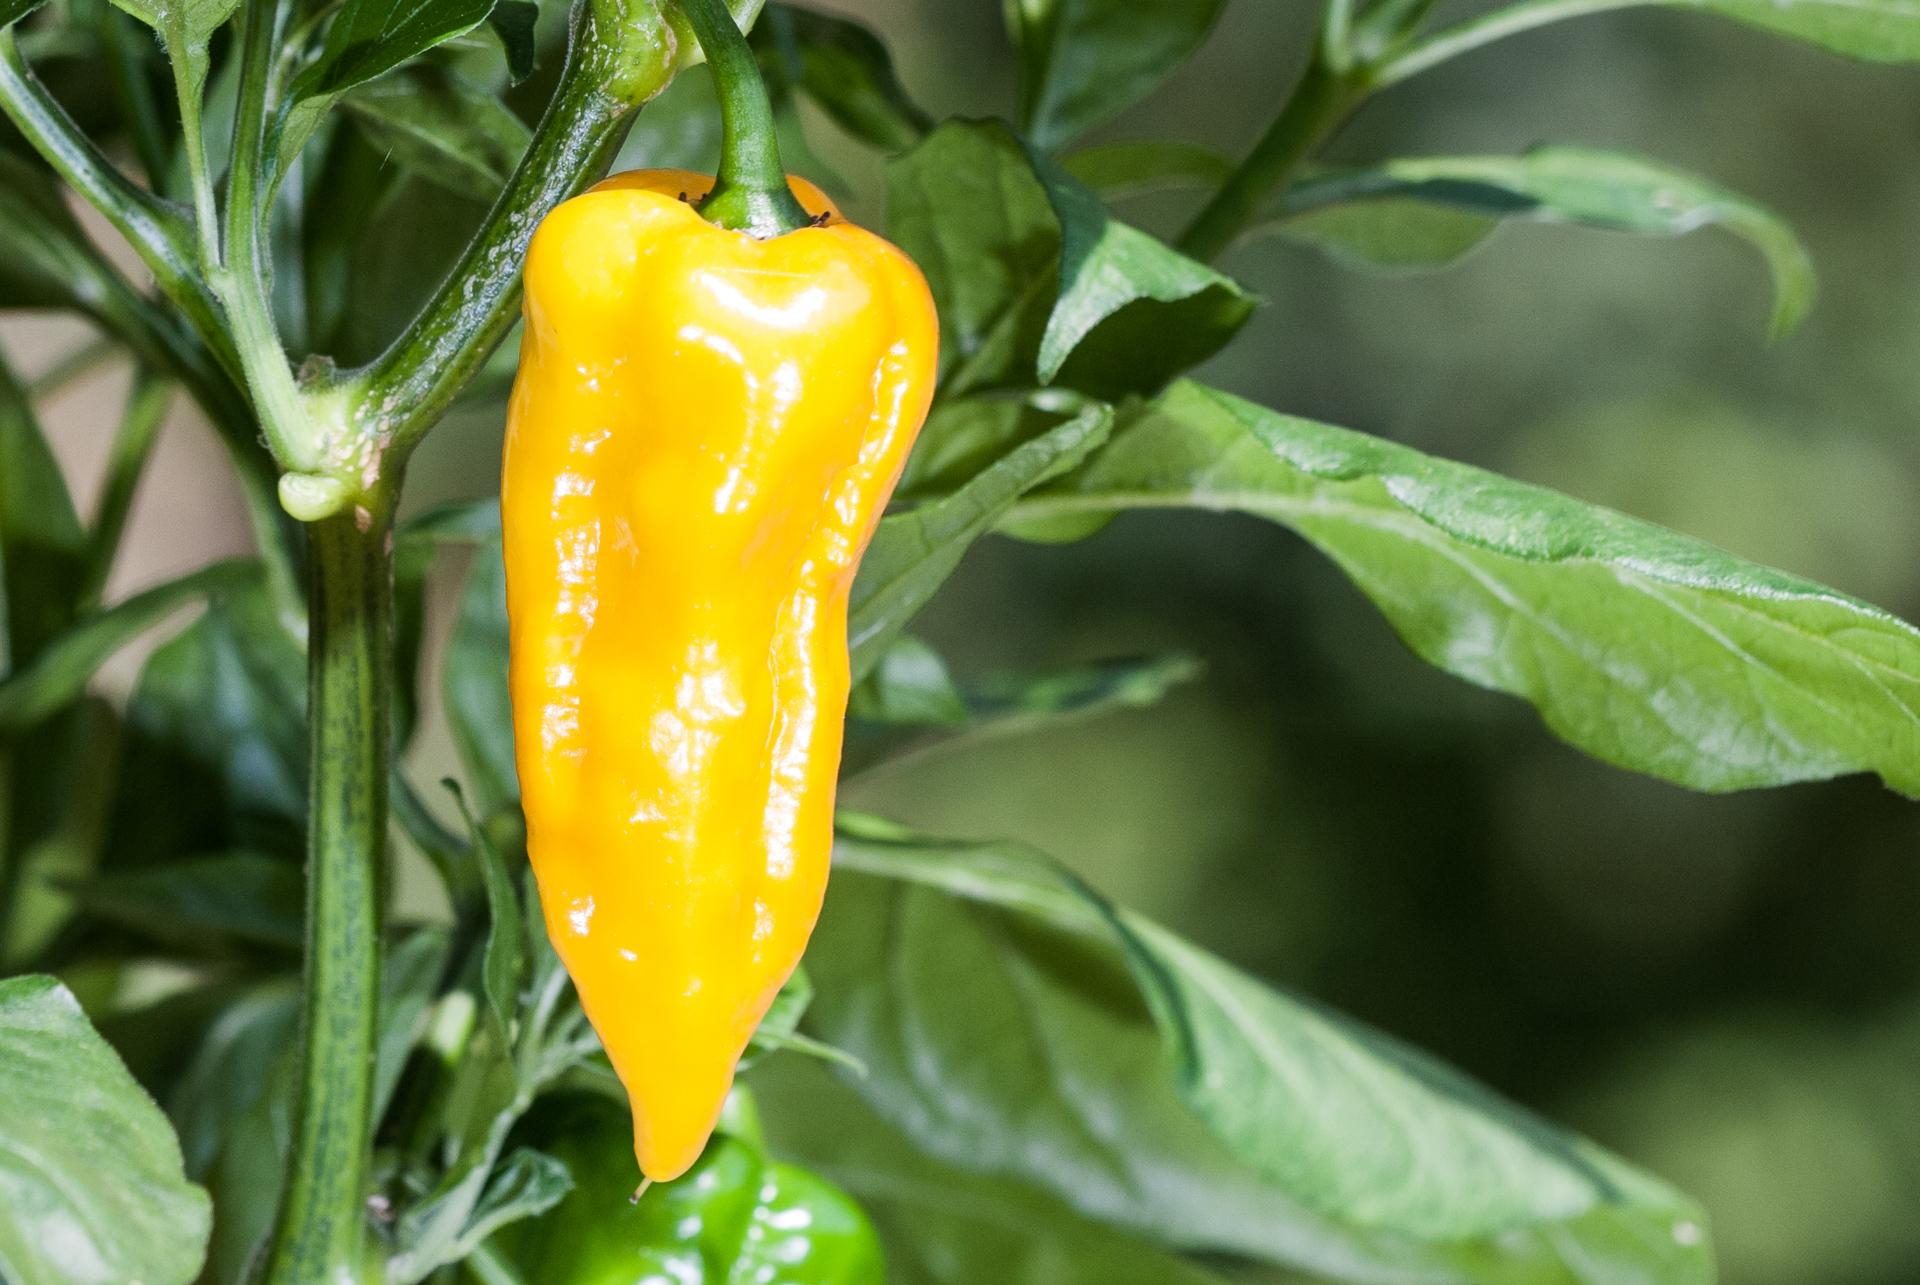 Num-640 - Capsicum annuum - variedad de chile